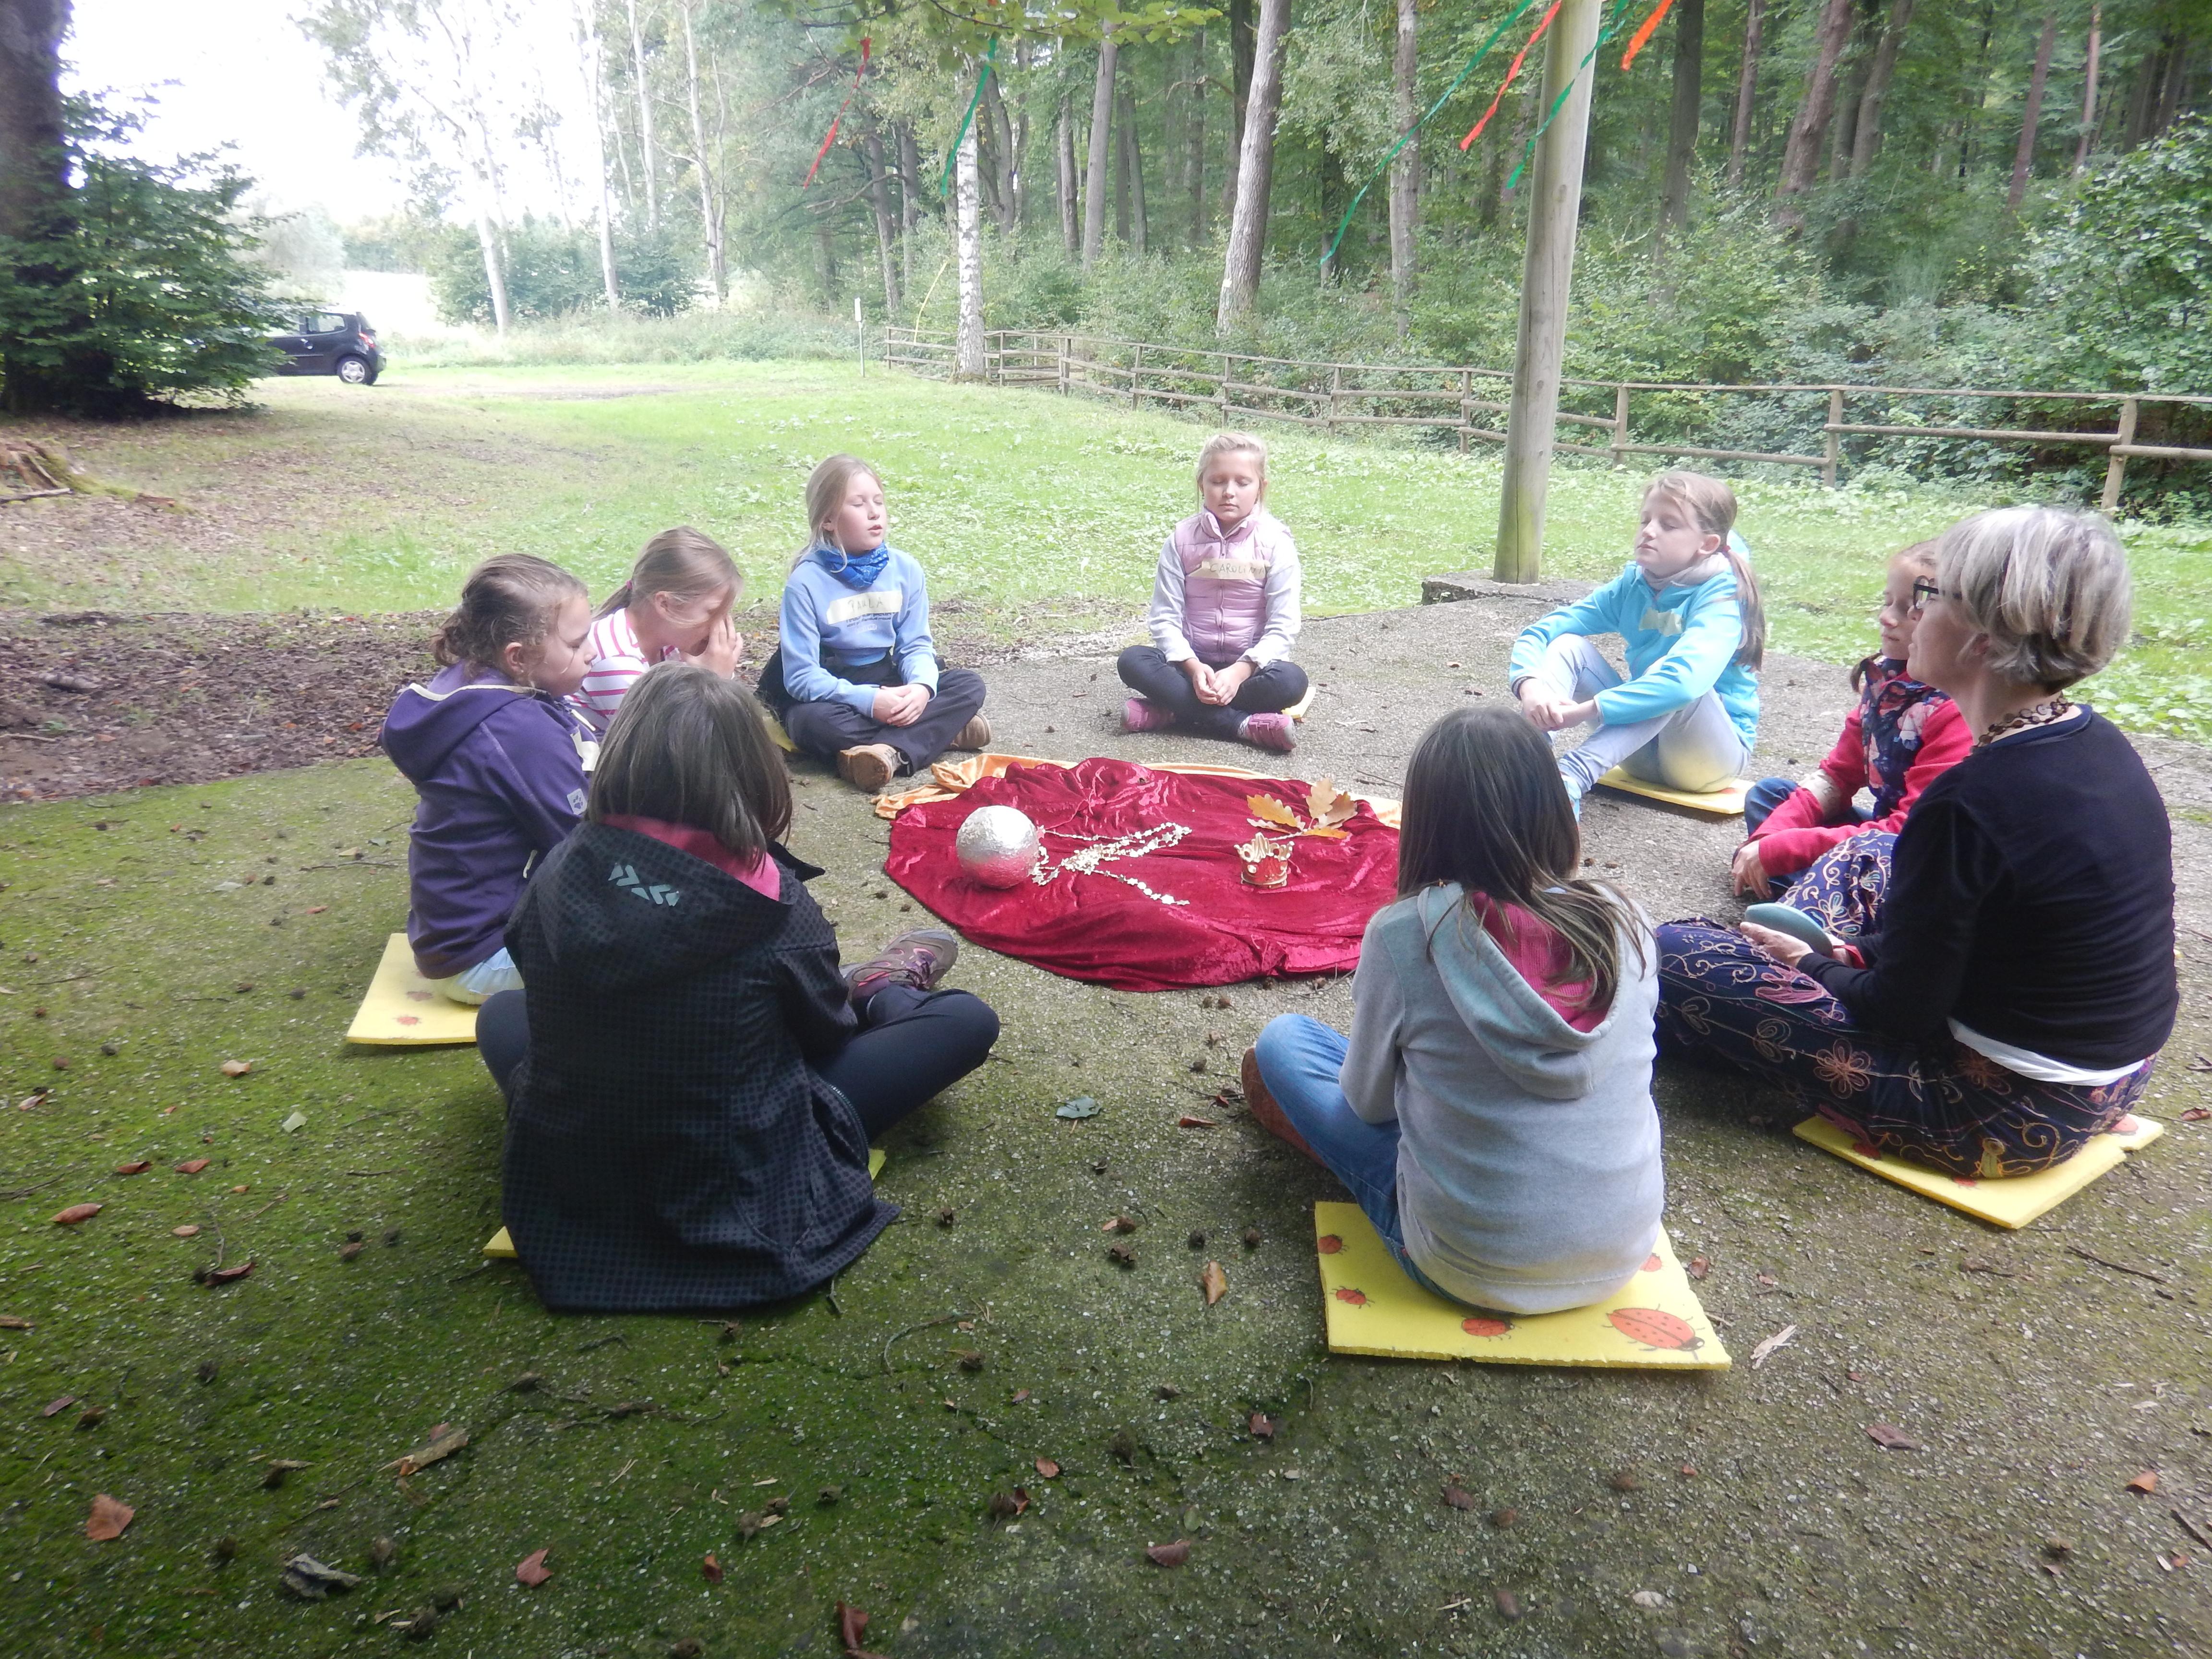 Märchenhafte Kindergeburtstage in der Natur - Die Märchenwerkstatt - Gitta Pelzer - Märchenerzählerin